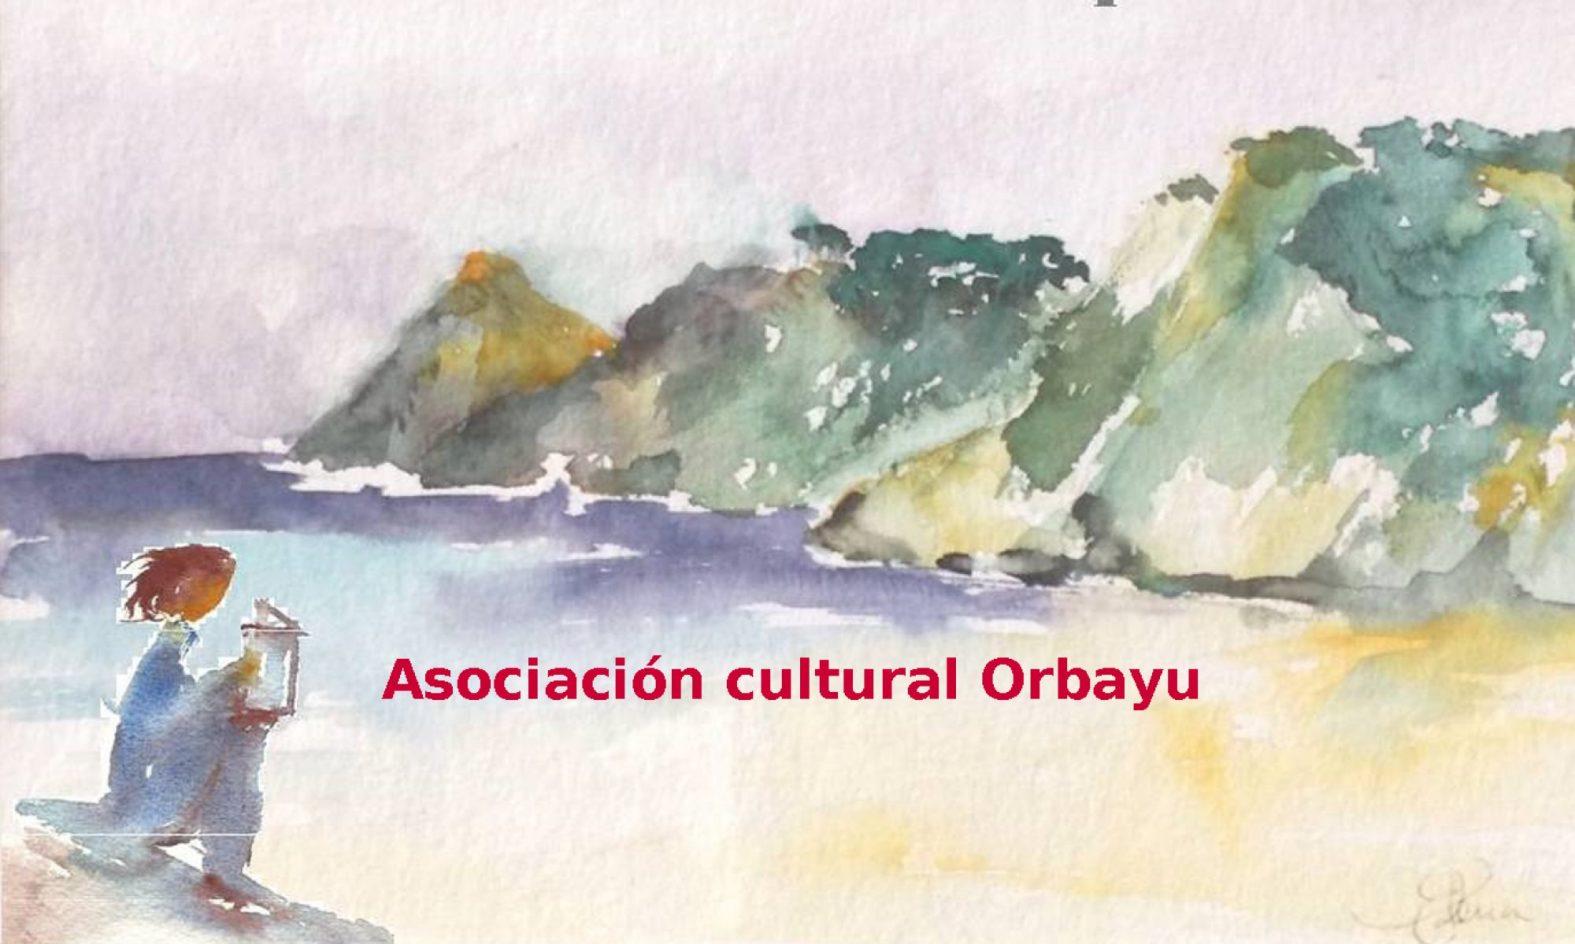 La Asociación Cultural Orbayu (Cudillero) convoca el I Concurso de Microrrelatos